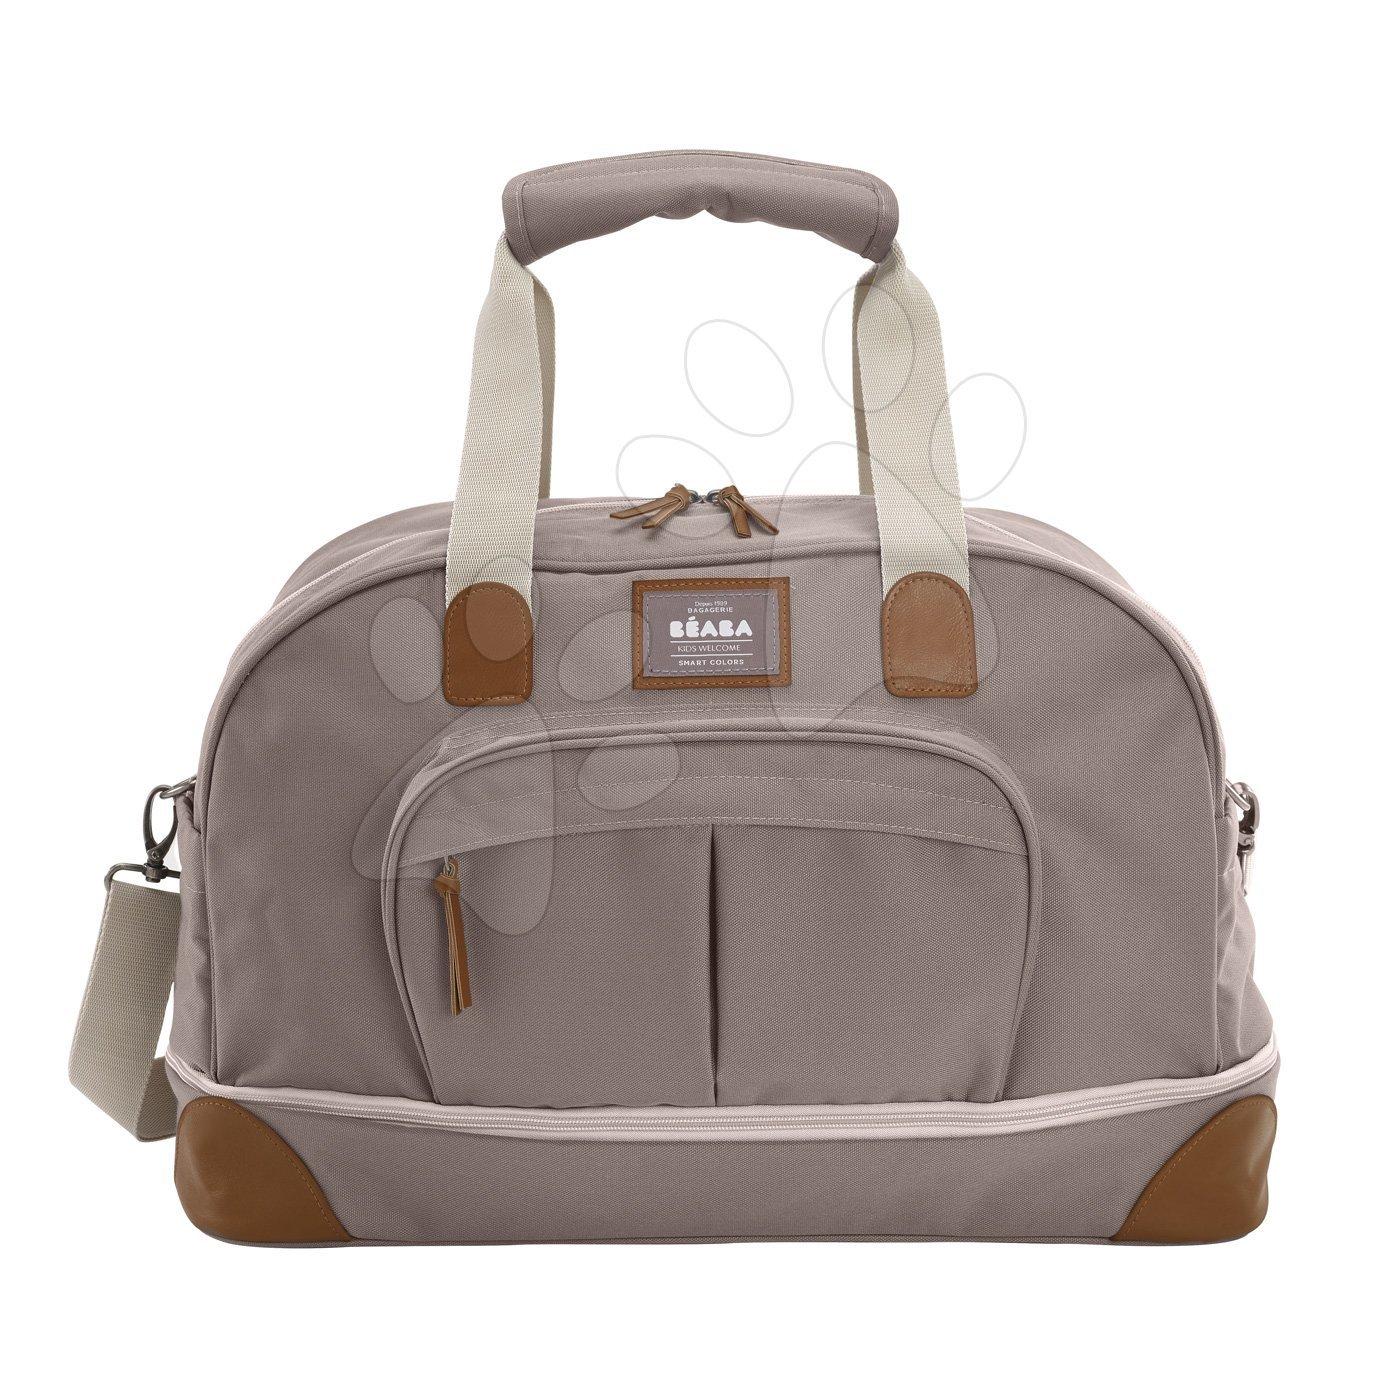 Cestovná prebaľovacia taška Beaba Amsterdam II Expandable hnedá 2 veľkosti